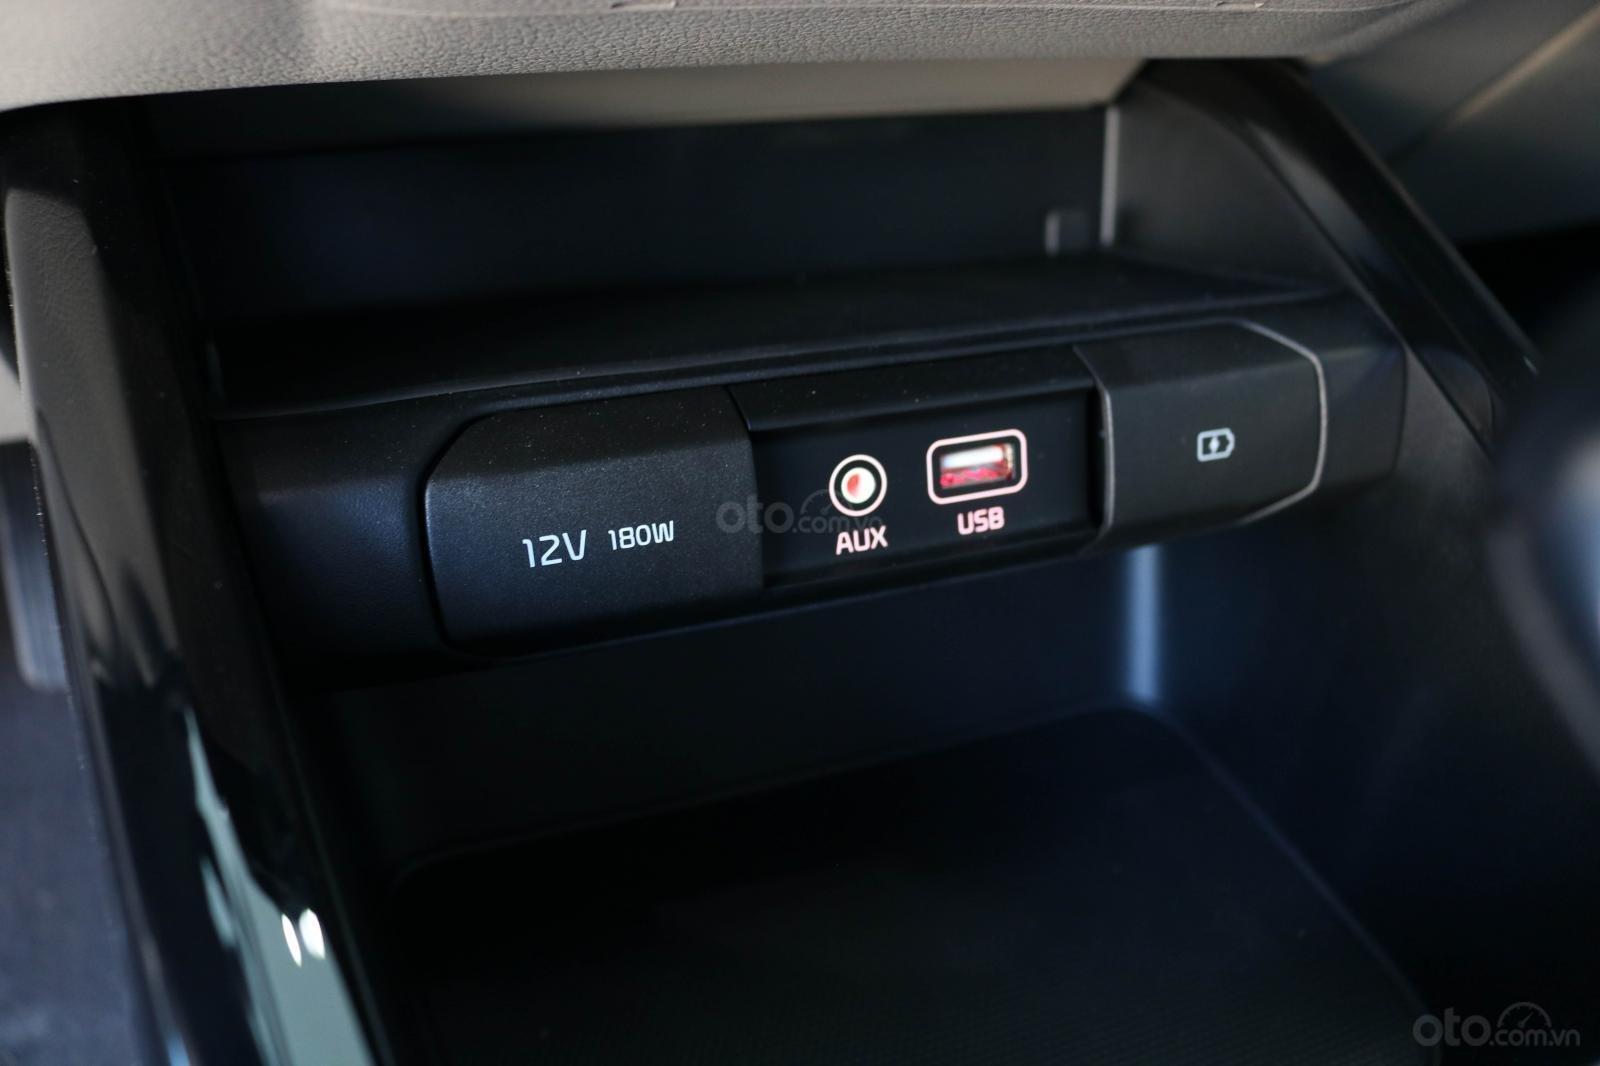 Kia Cerato 1.6AT 2019 màu xám (KLG) - tặng bảo hiểm + phụ kiện, giá tốt Kia Gò Vấp (17)